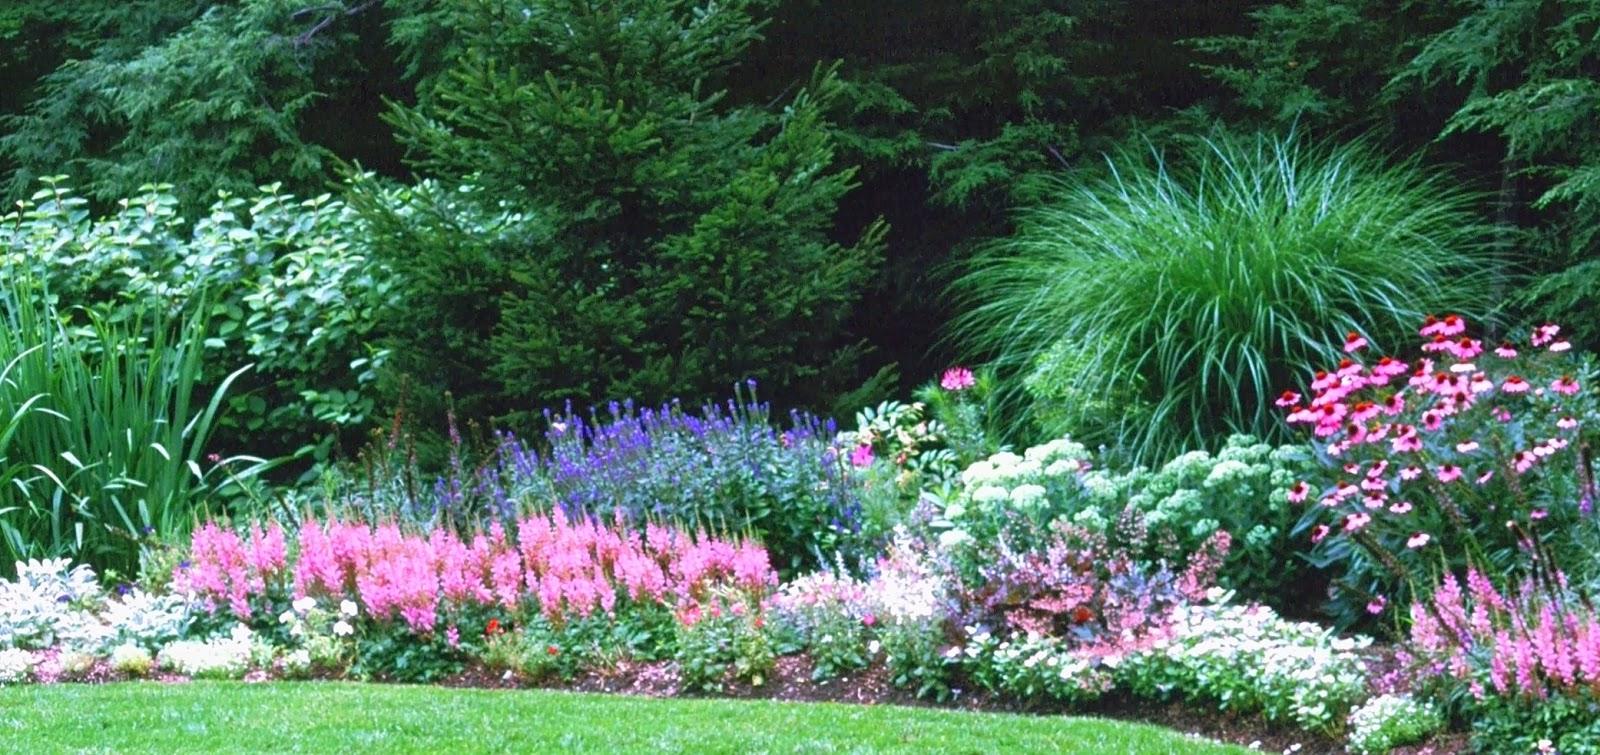 Cottage garden ideas - Garden Design Garden Design With English Cottage Garden